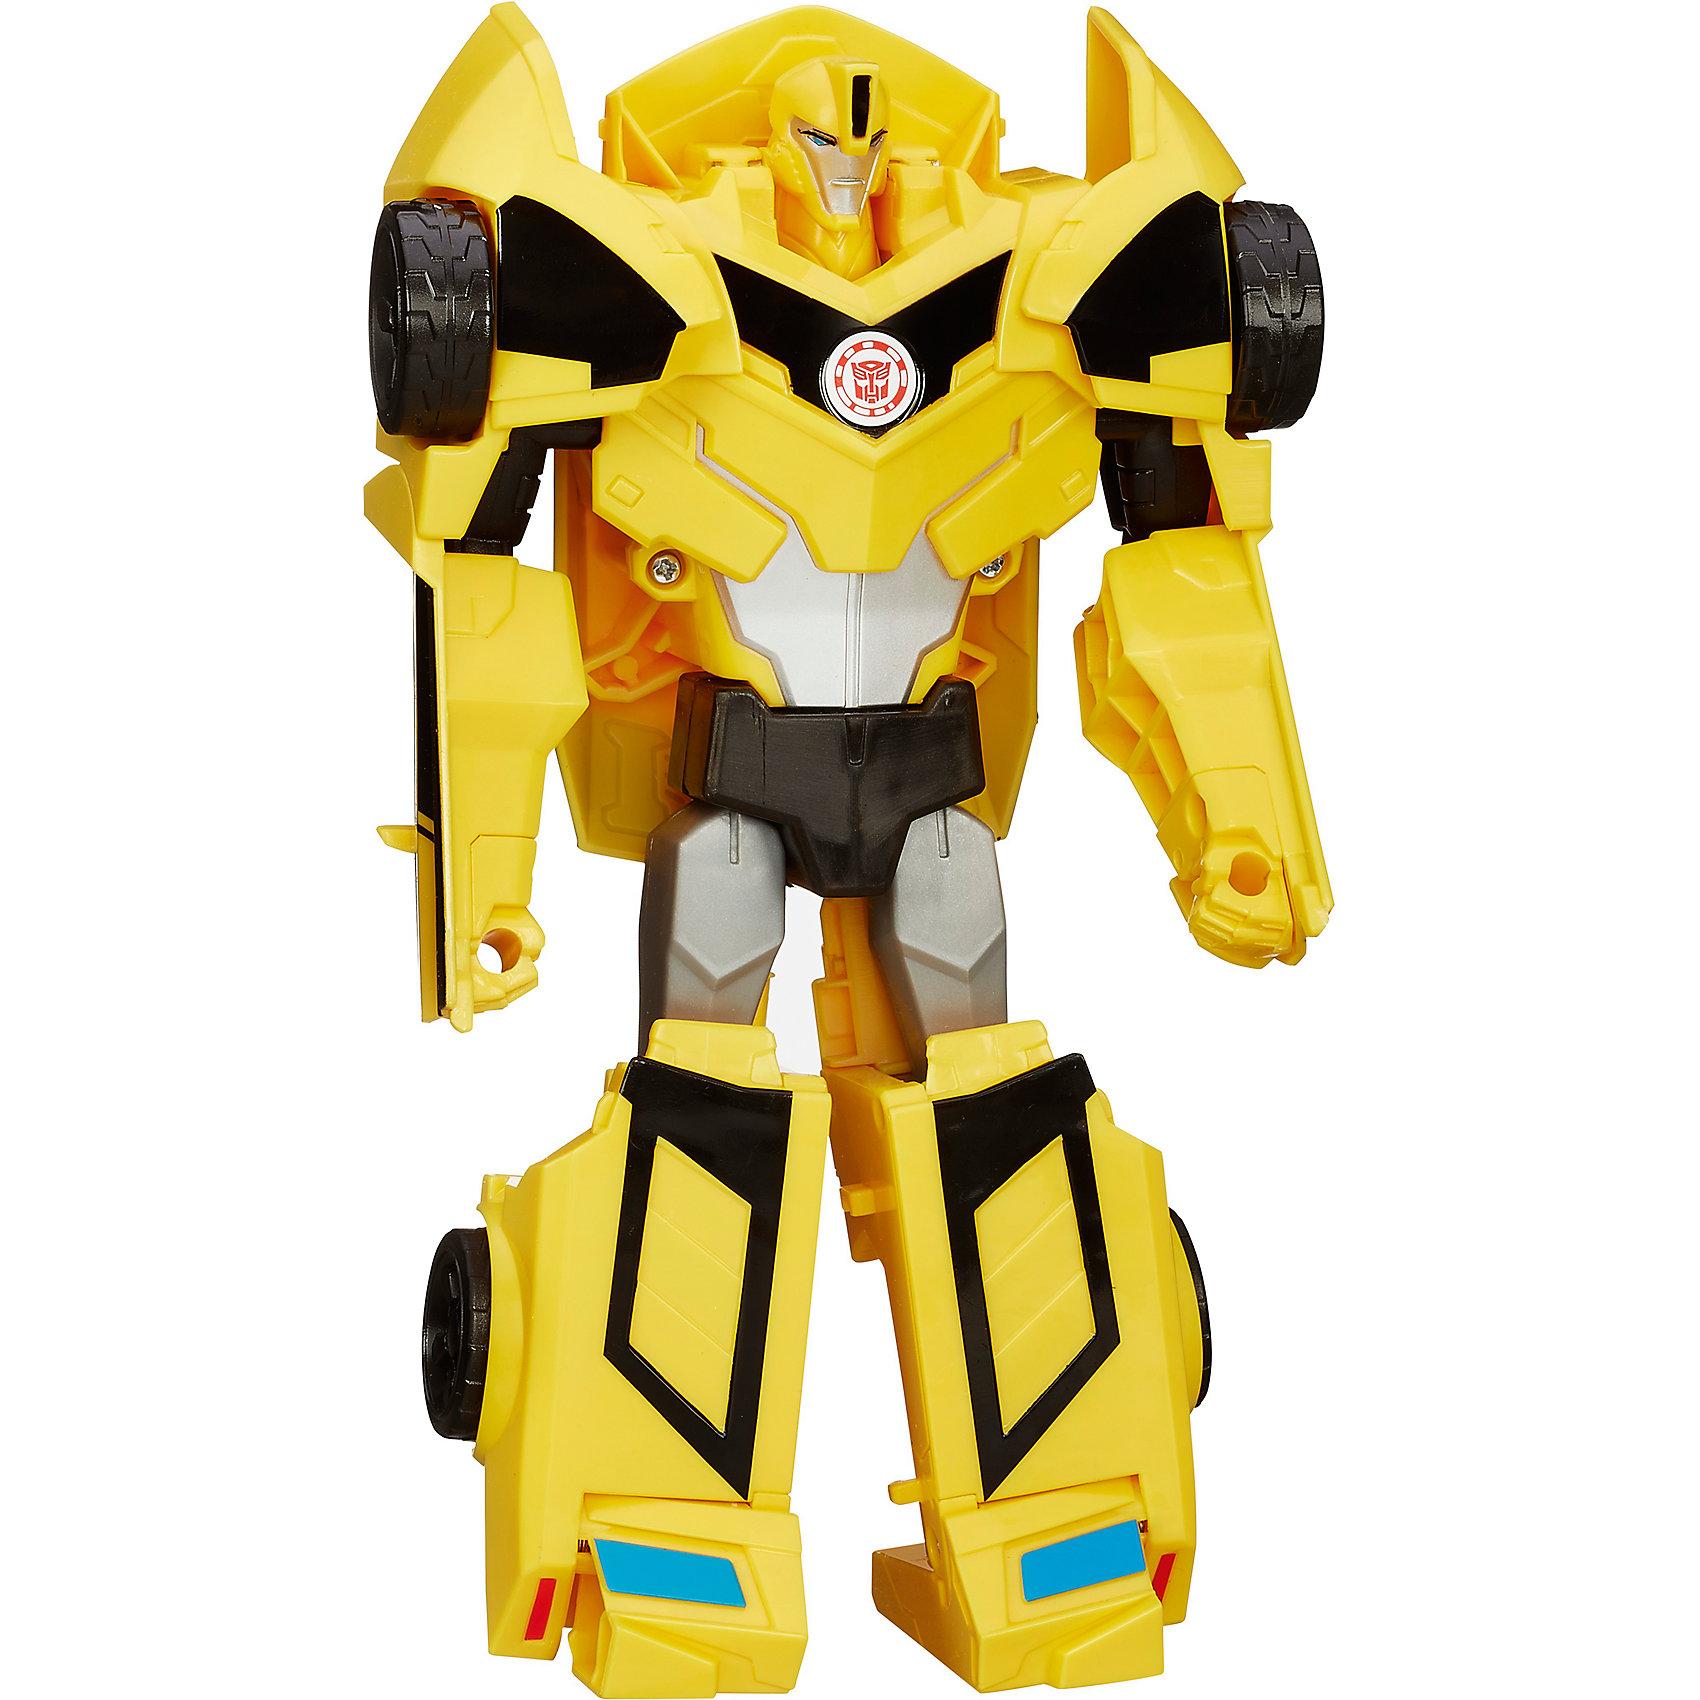 Бамблби, Роботс-ин-Дисгайс Гиперчэндж, ТрансформерыБамблби, Роботс-ин-Дисгайс Гиперчэндж  станет замечательным подарком для всех поклонников фильма Трансформеры (Transformers). Серия трансформеров Robots In Disguise 3-Step Changers создана по мотивам популярных фильмов и комиксов о роботах-трансформерах и включает в себя фигуры роботов, которые Вы легко сможете преобразовать в транспортное средство или мощный спортивный автомобиль.<br><br>В наборе Вы найдете фигуру робота-трансформера Бамблби (Bumblebee), который легко, с помощью всего трех движений, преобразуется в яркую и мощную машину с вращающимися колесами. Бамблби - один из главных и самых популярных персонажей Вселенной трансформеров. Фигурка отличается высокой степенью детализации и реалистичностью и полностью соответствует своему персонажу из фильма. <br><br>Дополнительная информация:<br><br>- Материал: пластик.<br>- Высота фигурки: 21 см.<br>- Размер упаковки: 20,3 x 22,9 x 7,9 см.<br>- Вес: 0,3 кг.<br><br>Игровой набор Бамблби, Роботс-ин-Дисгайс Гиперчэндж, Трансформеры, можно купить в нашем интернет-магазине.<br><br>Ширина мм: 79<br>Глубина мм: 203<br>Высота мм: 229<br>Вес г: 300<br>Возраст от месяцев: 72<br>Возраст до месяцев: 192<br>Пол: Мужской<br>Возраст: Детский<br>SKU: 3996385